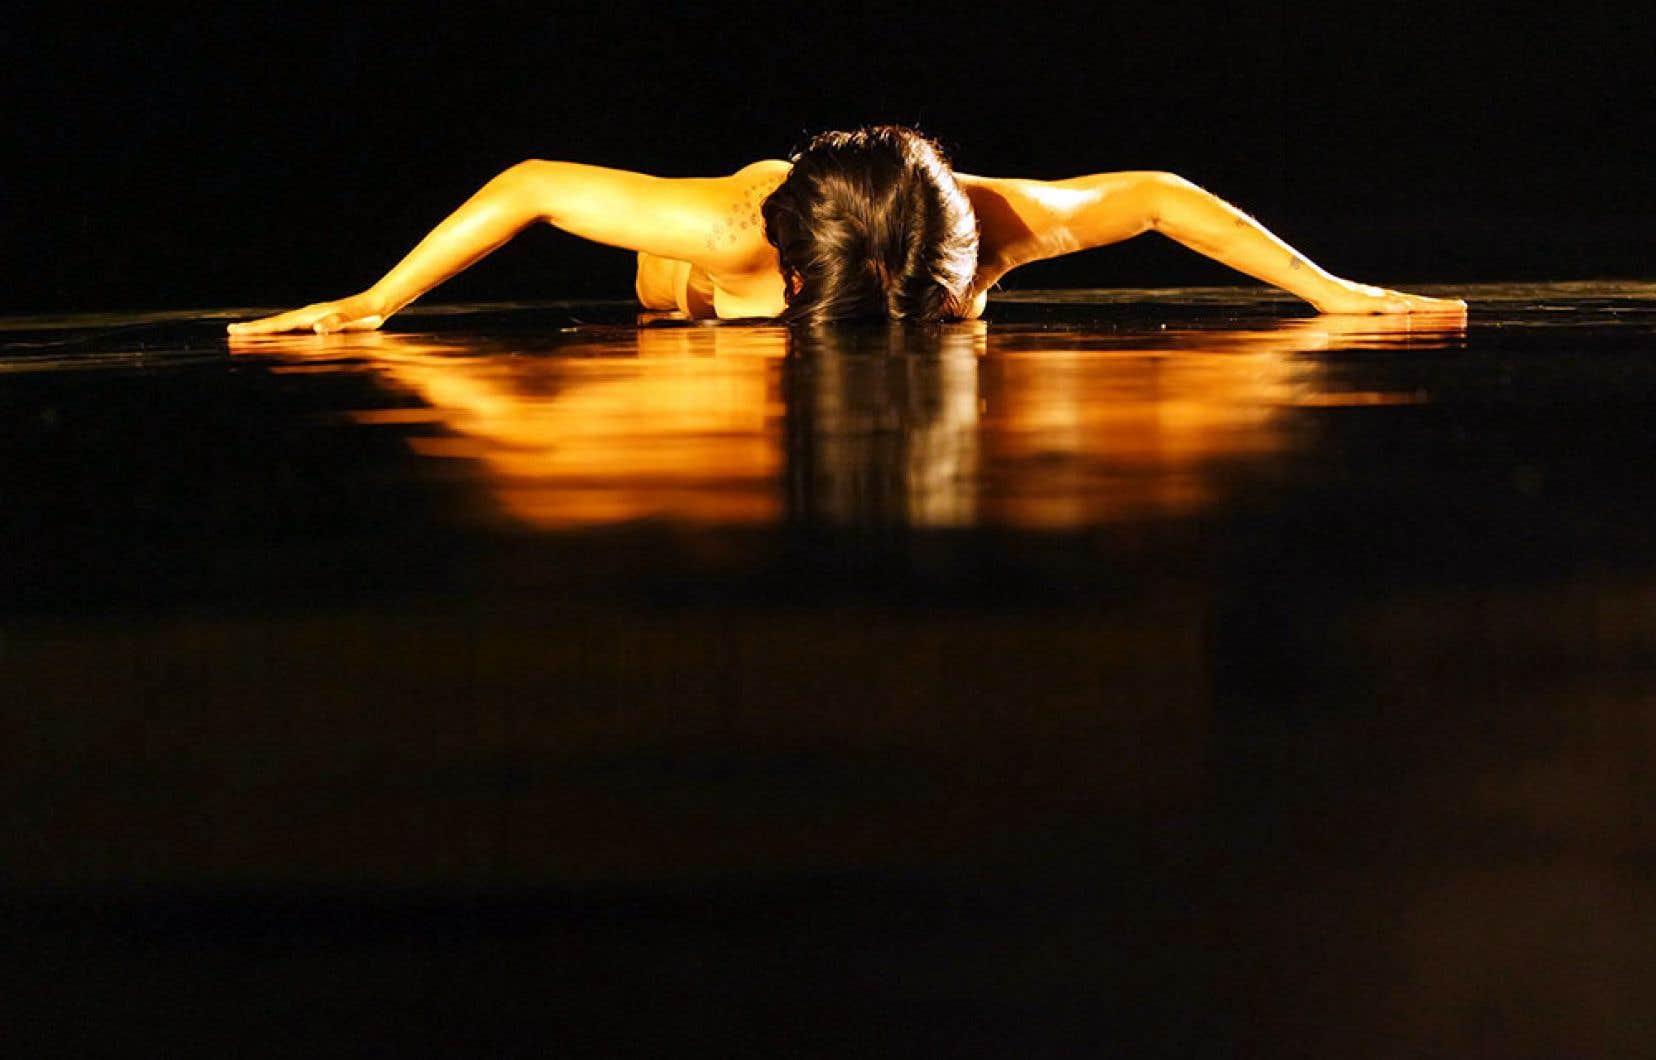 Daina Ashbee dans «Serpentine» installe le corps nu d'Areli Moran dans un couloir d'huile sur un long pan de la scène.